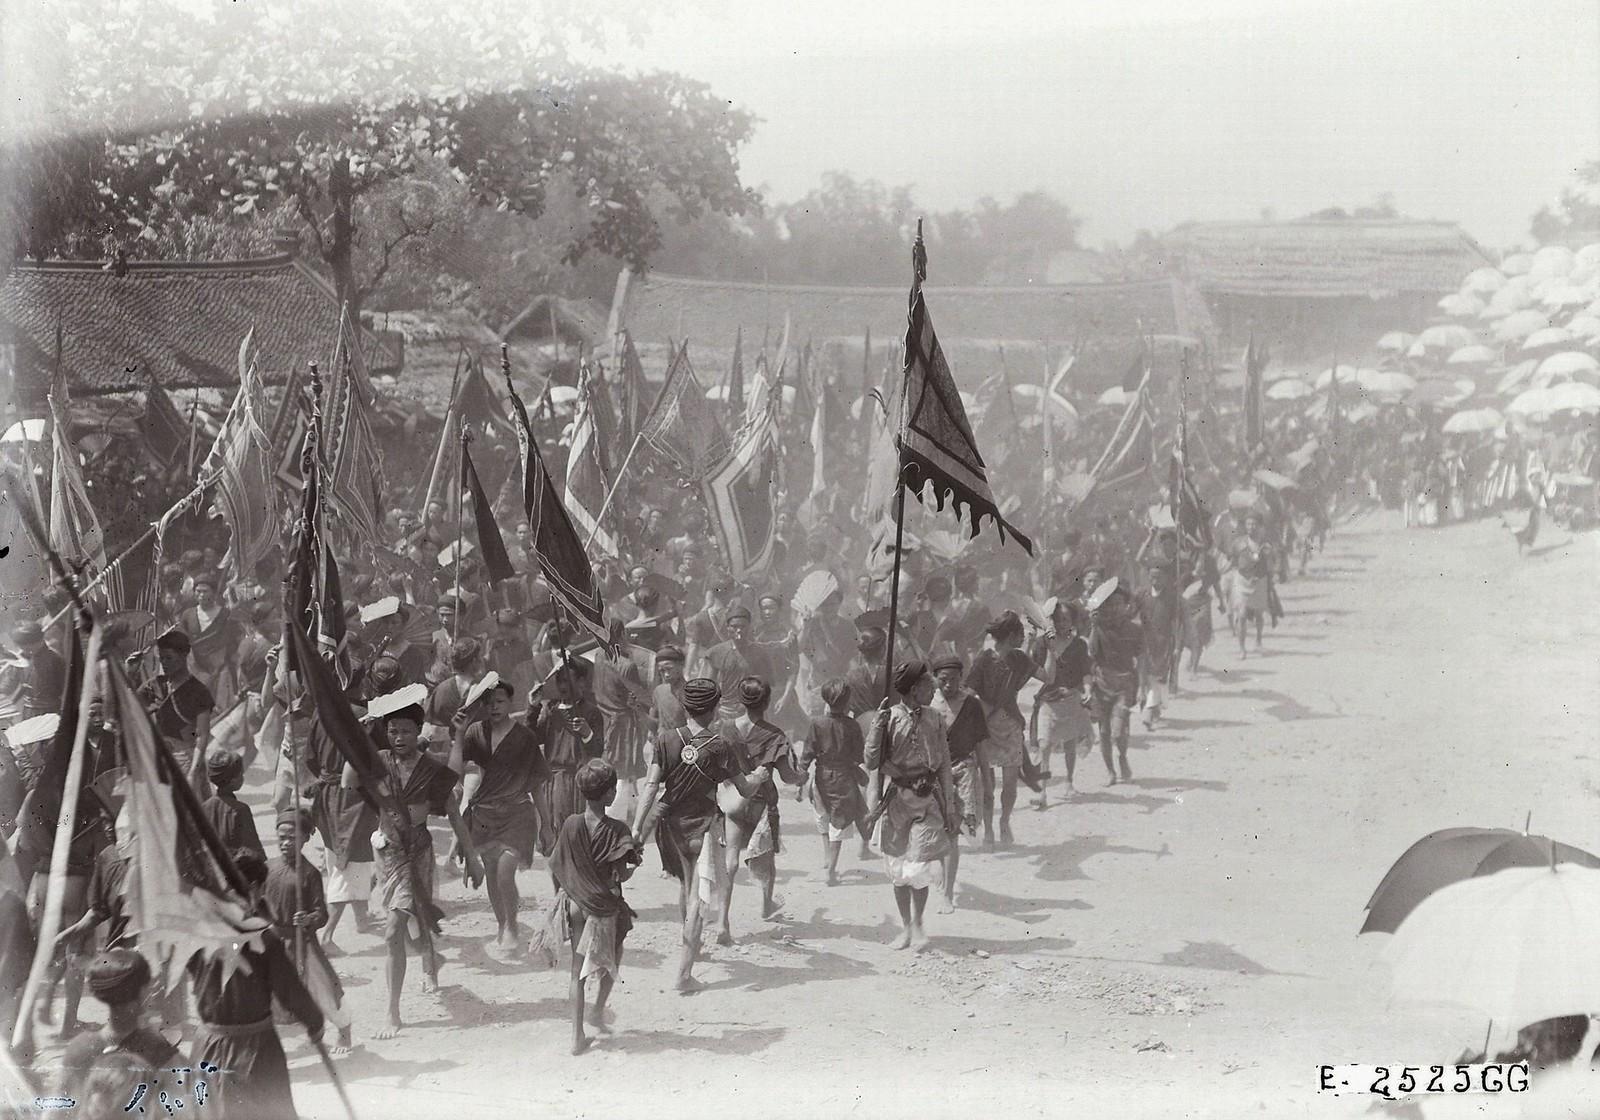 Chùm ảnh: Lễ hội làng Dương Liễu ở Hà Đông năm 1928